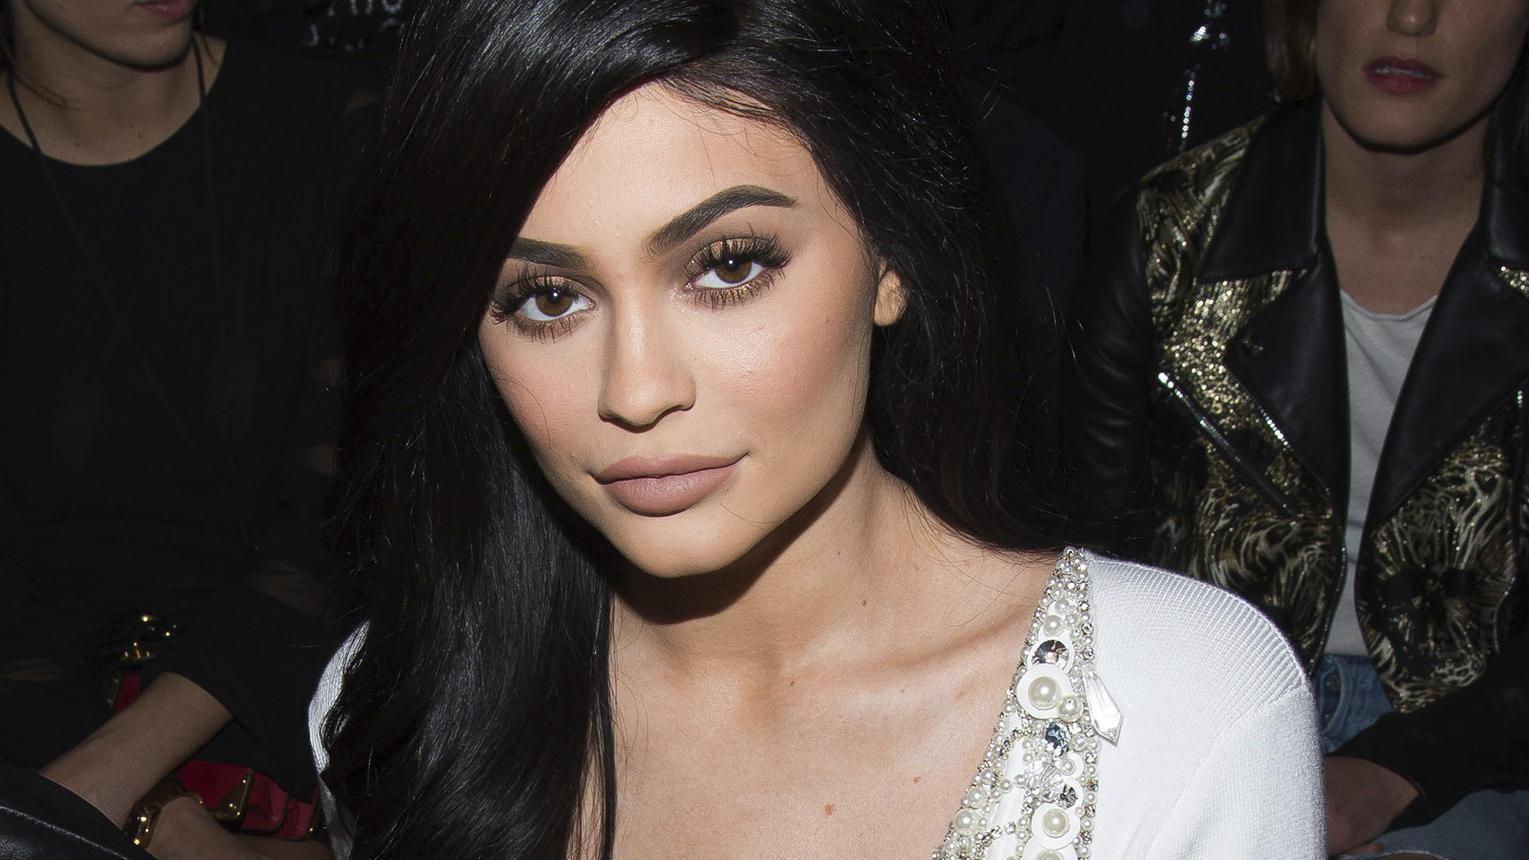 Kylie Jenner verrät den Namen ihrer kleinen Tochter